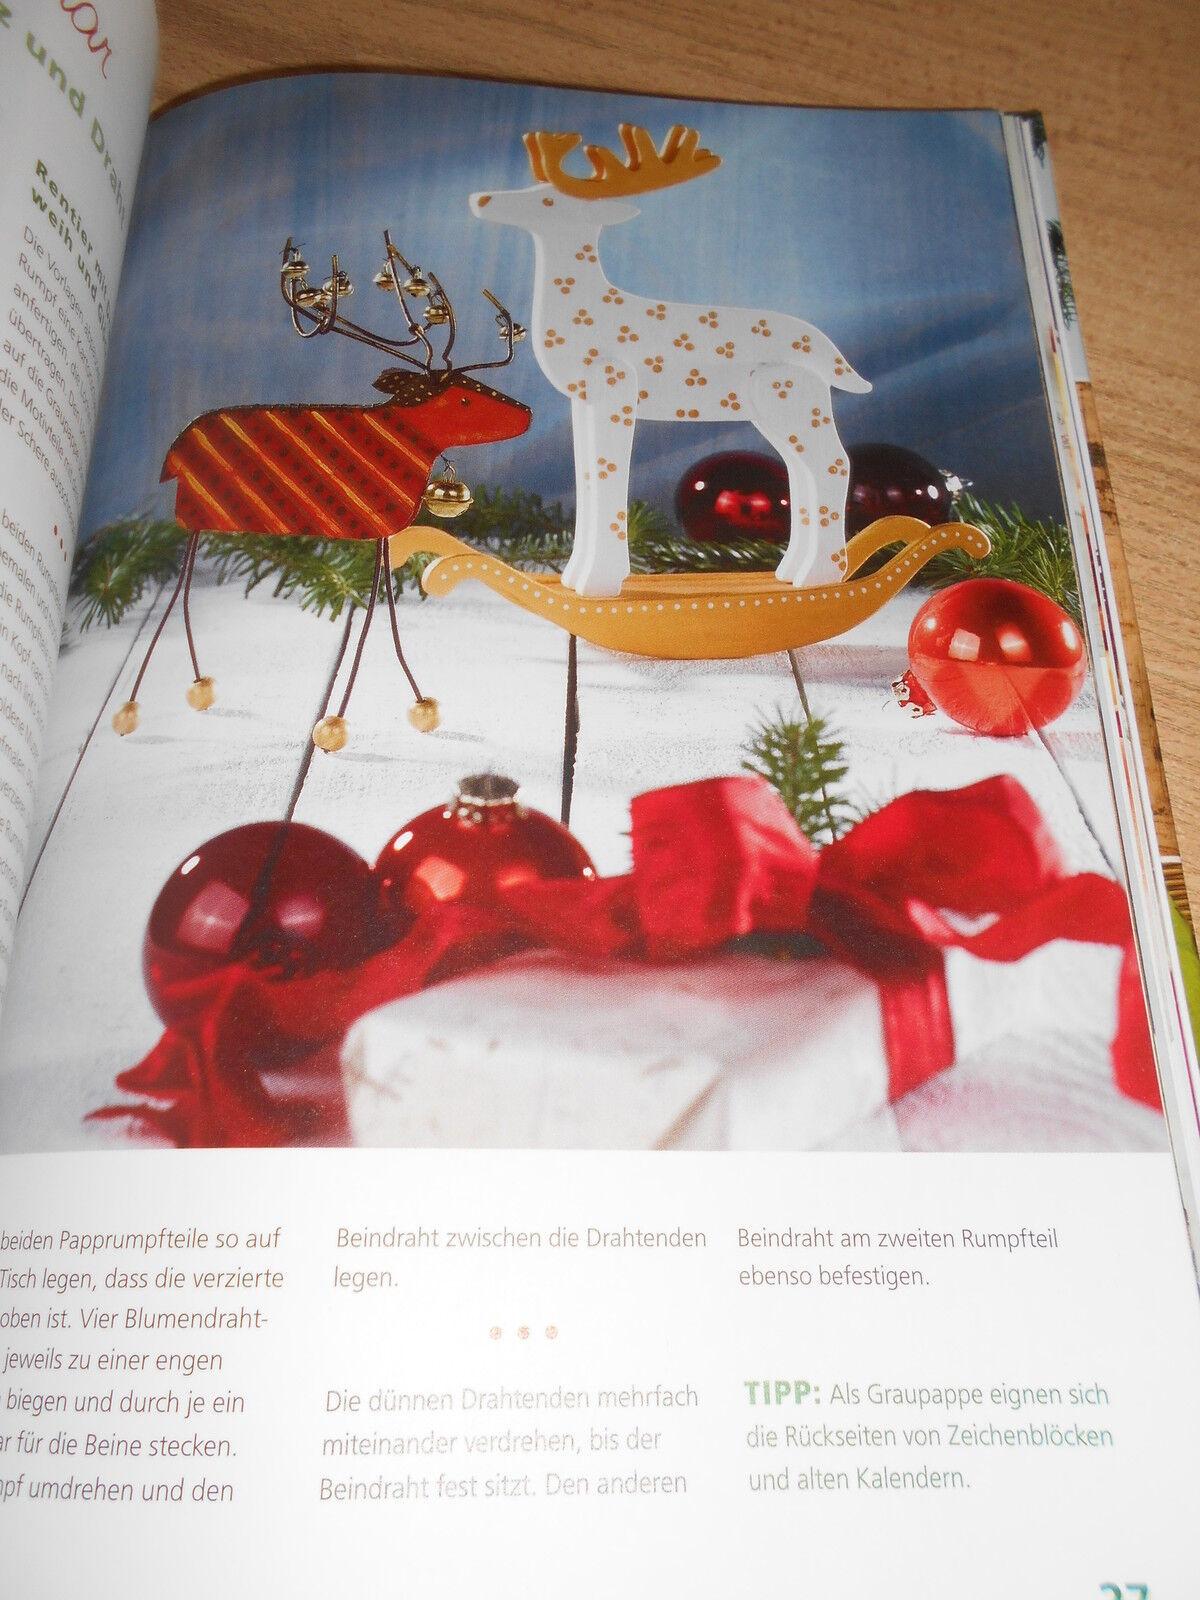 bastelbuch weihnachtsdekoration weihnachten basteln. Black Bedroom Furniture Sets. Home Design Ideas